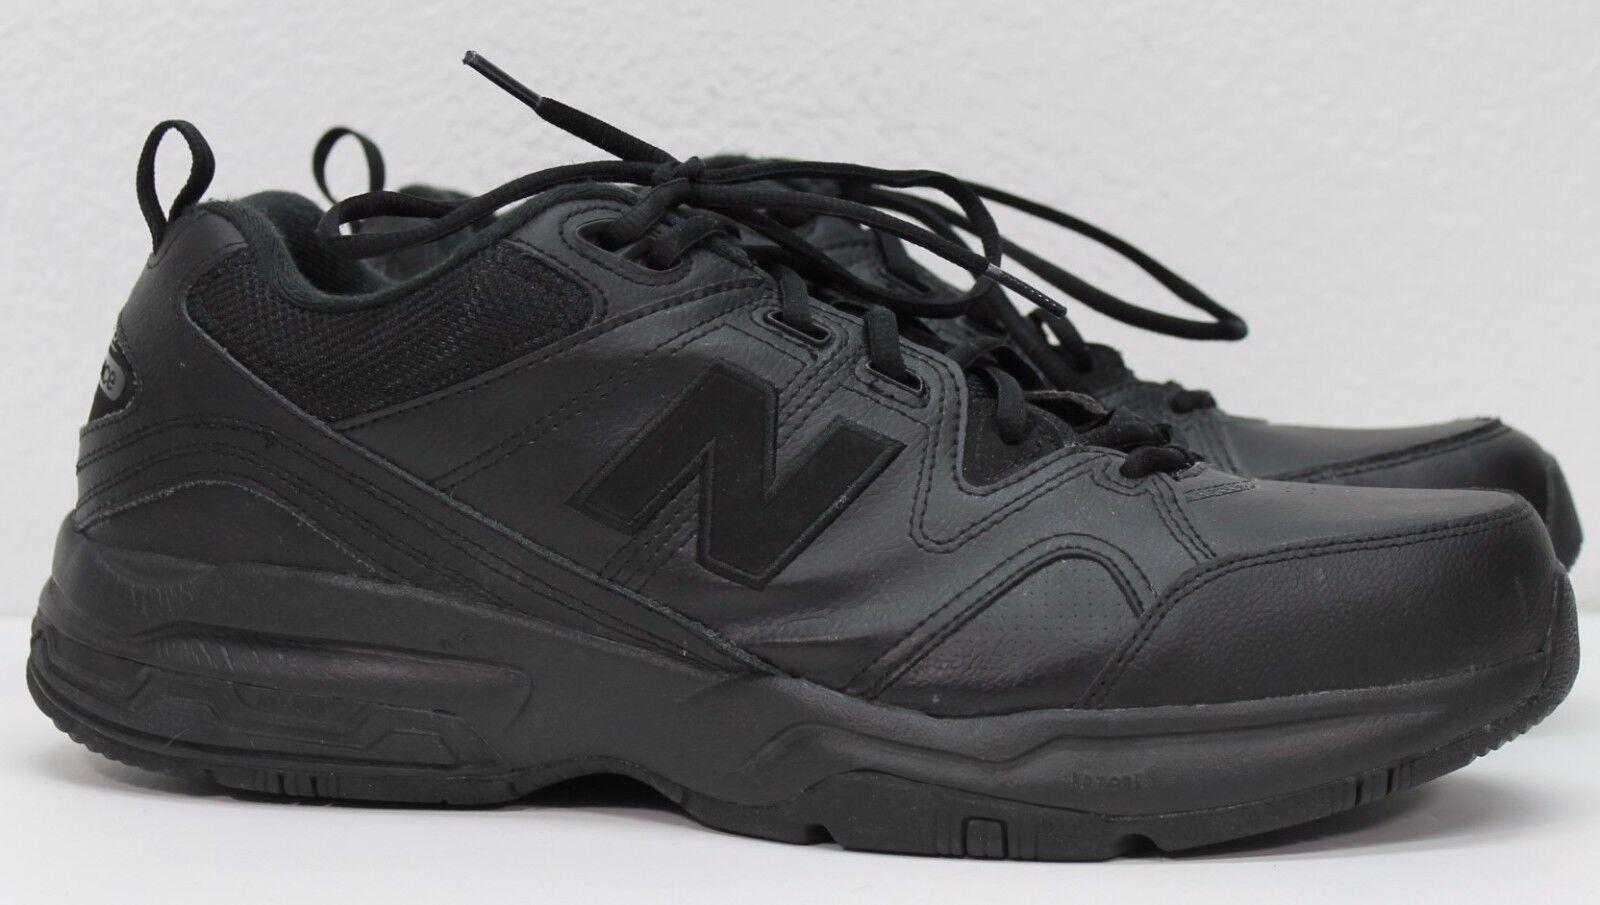 New Balance 609 Men's MX609V2B Black Leather Walking shoes 15 D US Med 50 CM